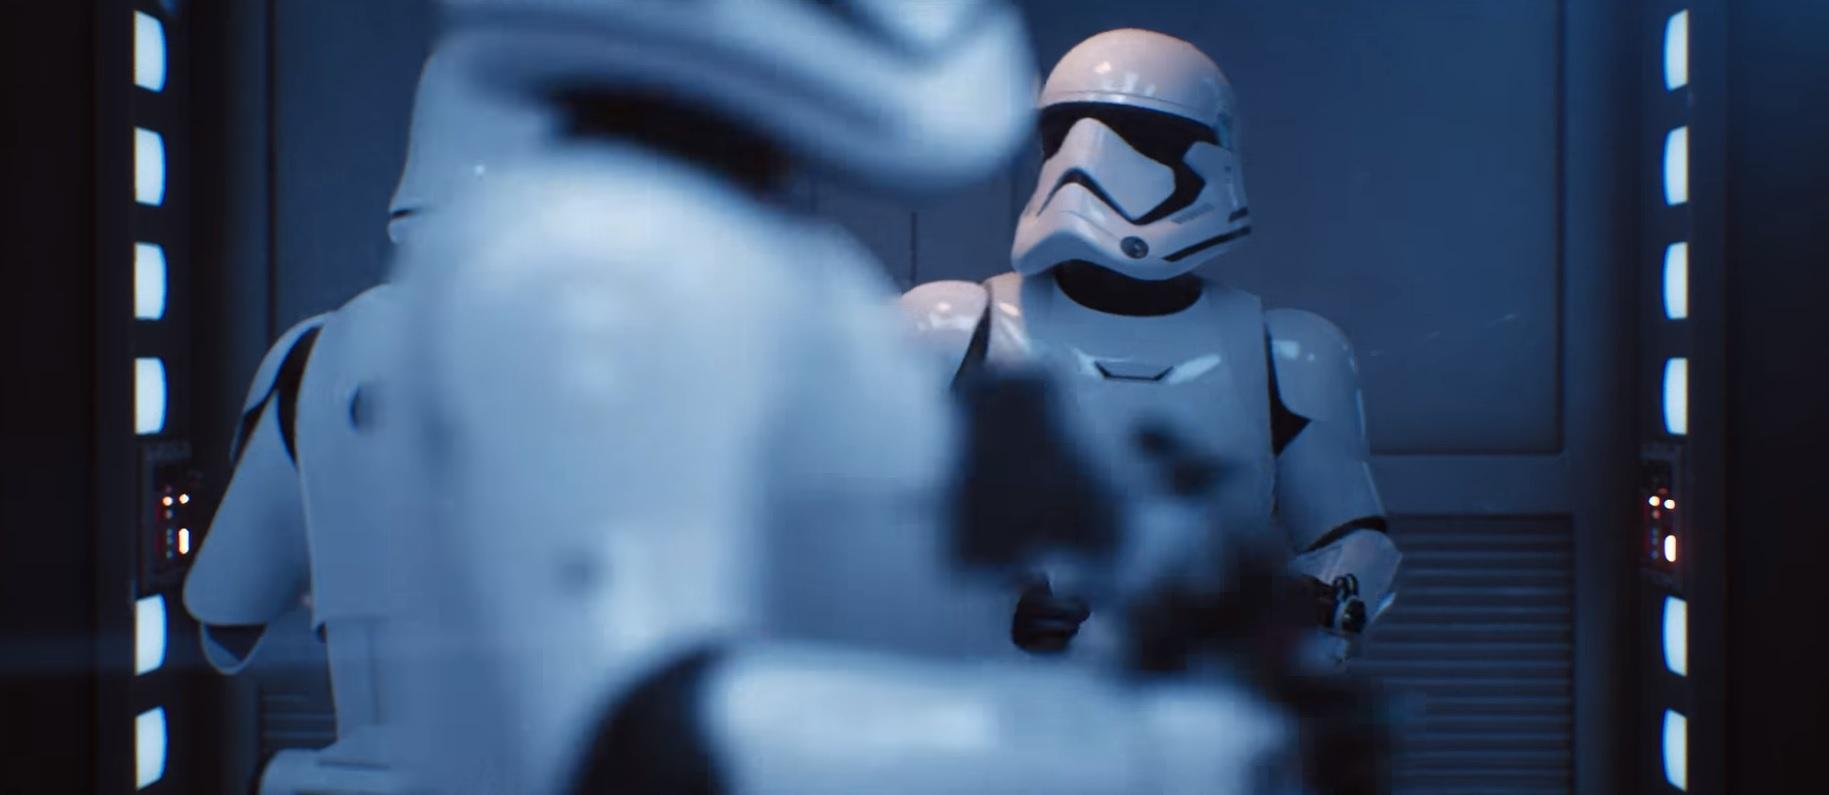 Star Wars asombra con nueva tecnología DXR y RTX